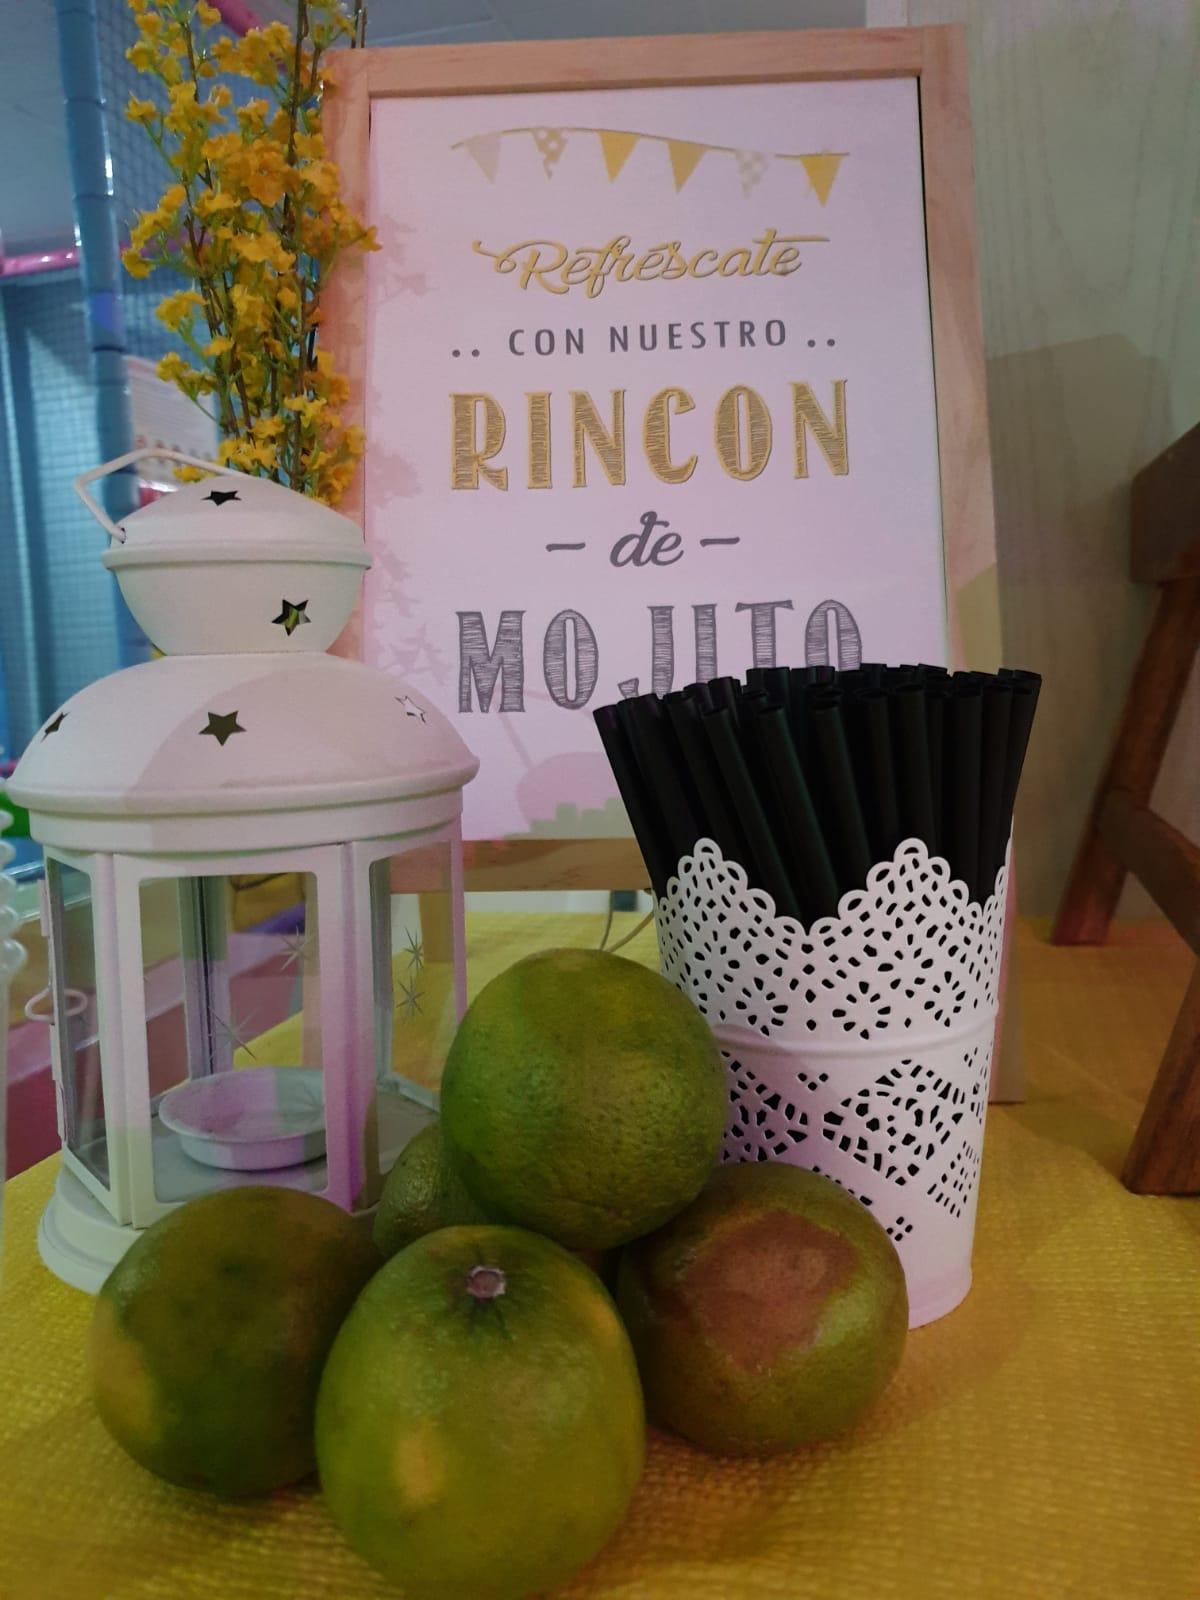 Rincón de Mojito